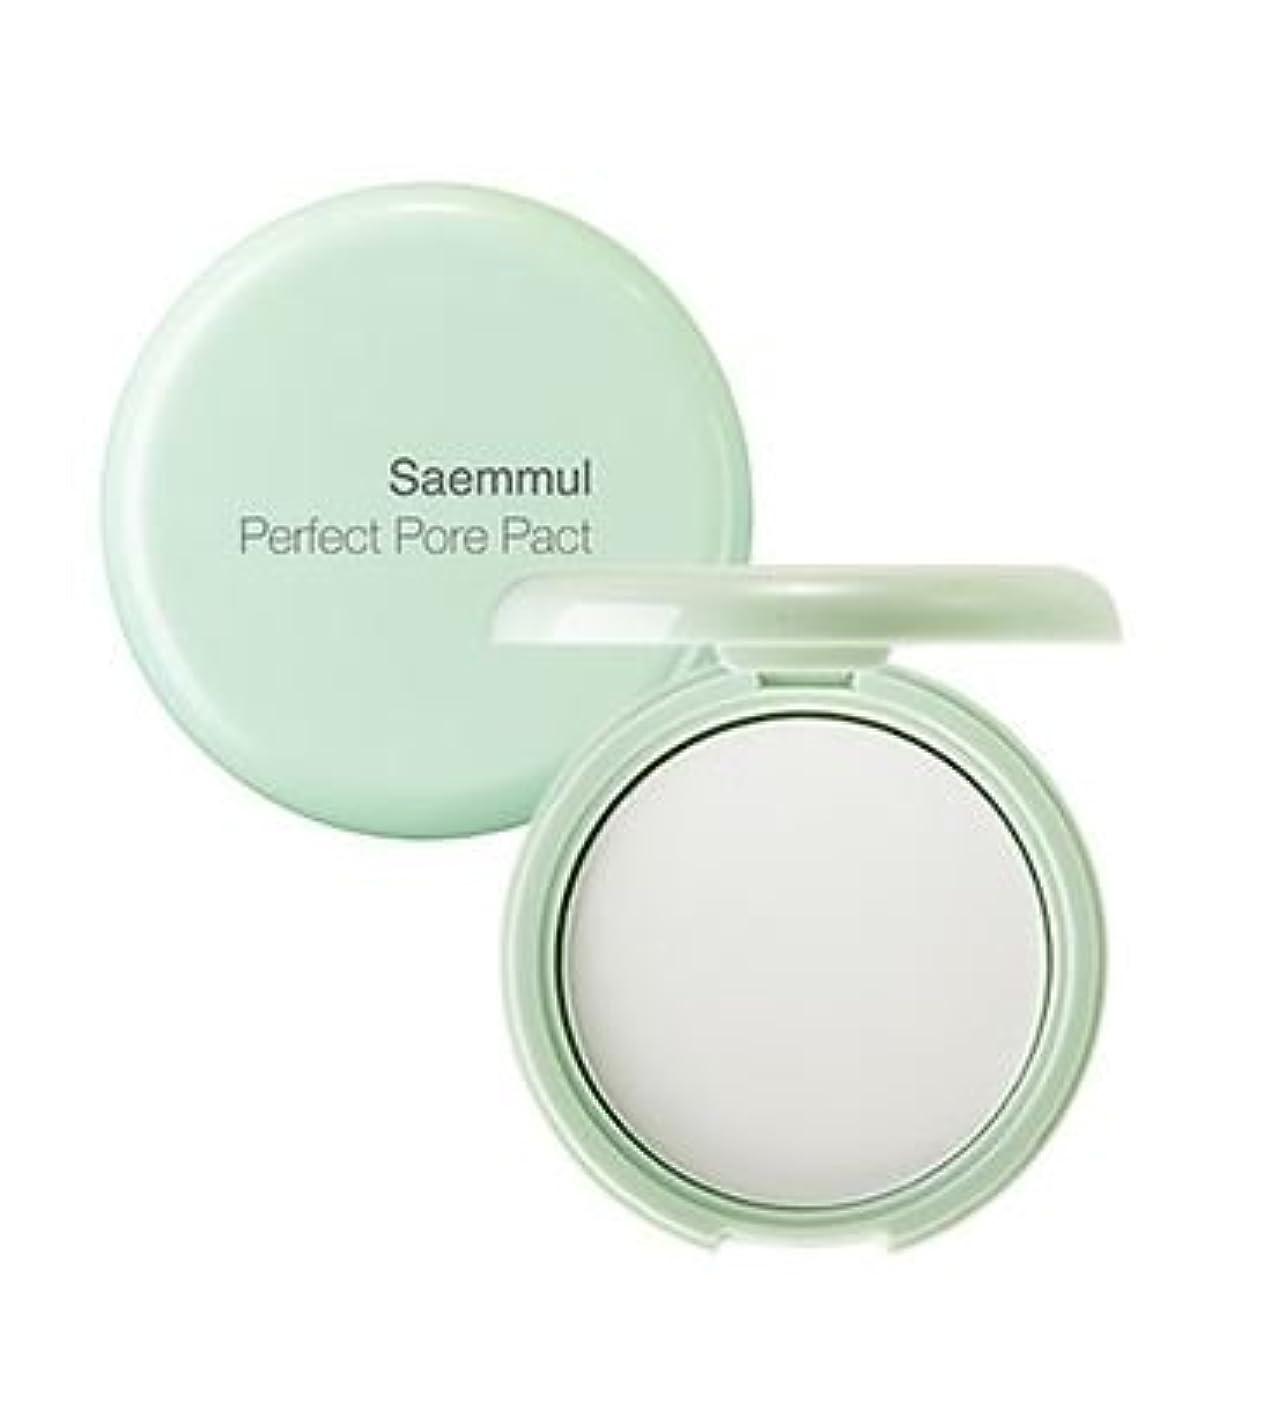 再発する裸大学院ザセム[The Saem]センムルセンムルポアパーフェクトパクト The Saem Saemmul Perfect Pore Pact